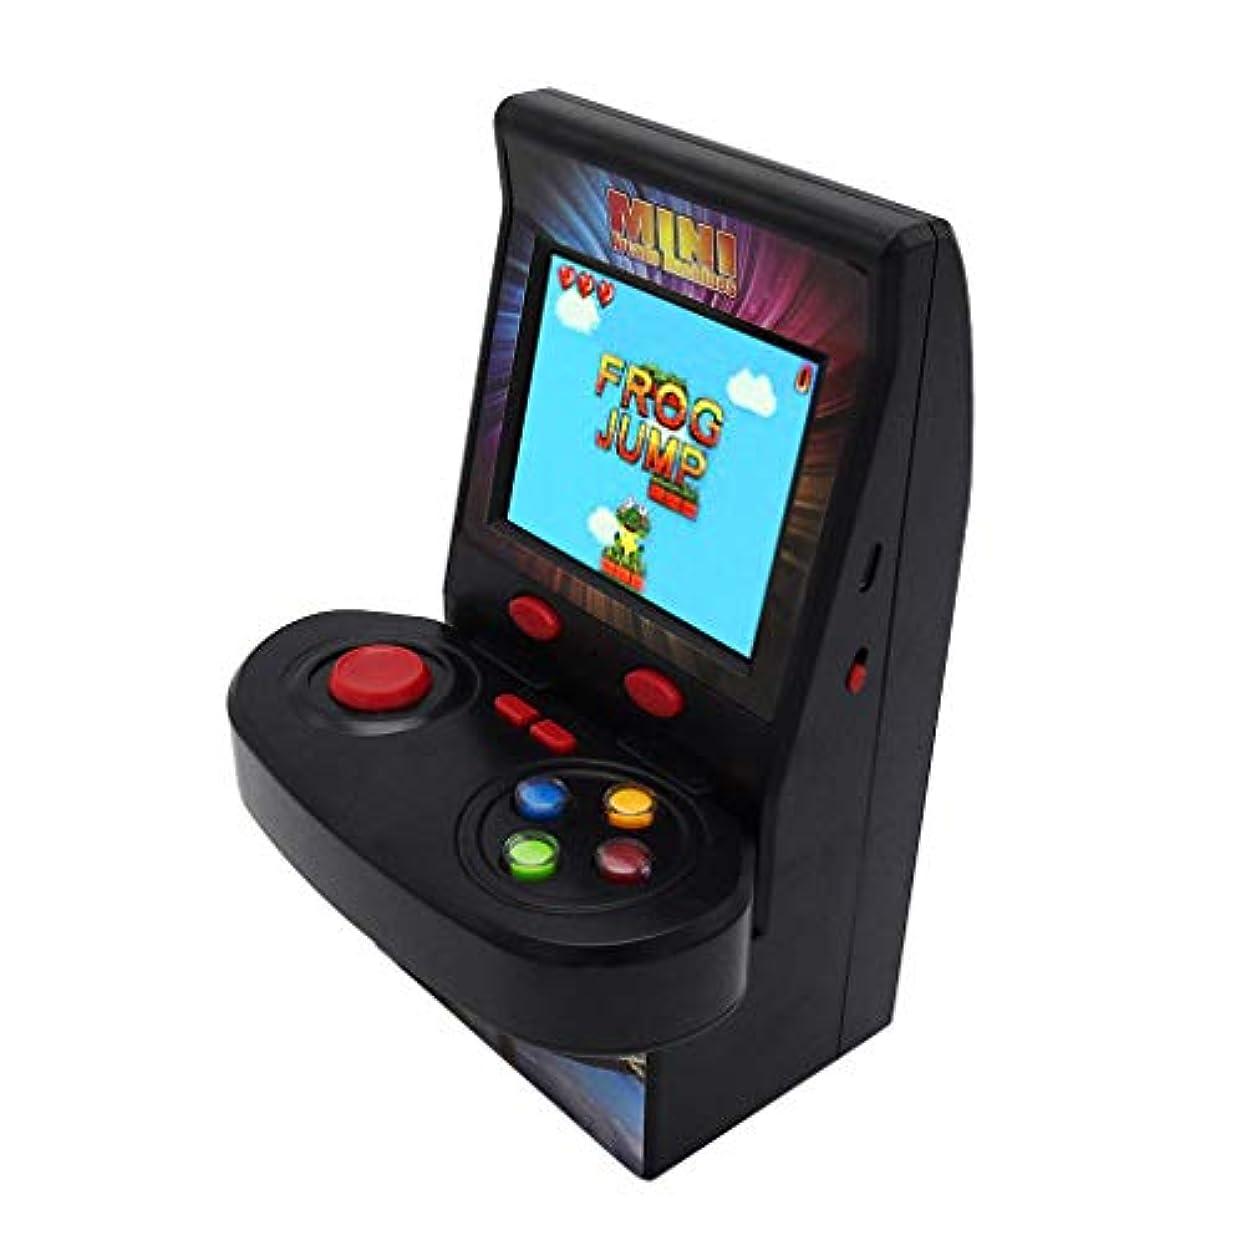 収益時折チューリップ携帯ゲーム機 ゲームプレーヤー ワイヤレスジョイスティック アーケードゲーム コンソール シングルハンドル ゲームコンソール ノスタルジック100ゲームhuajuan